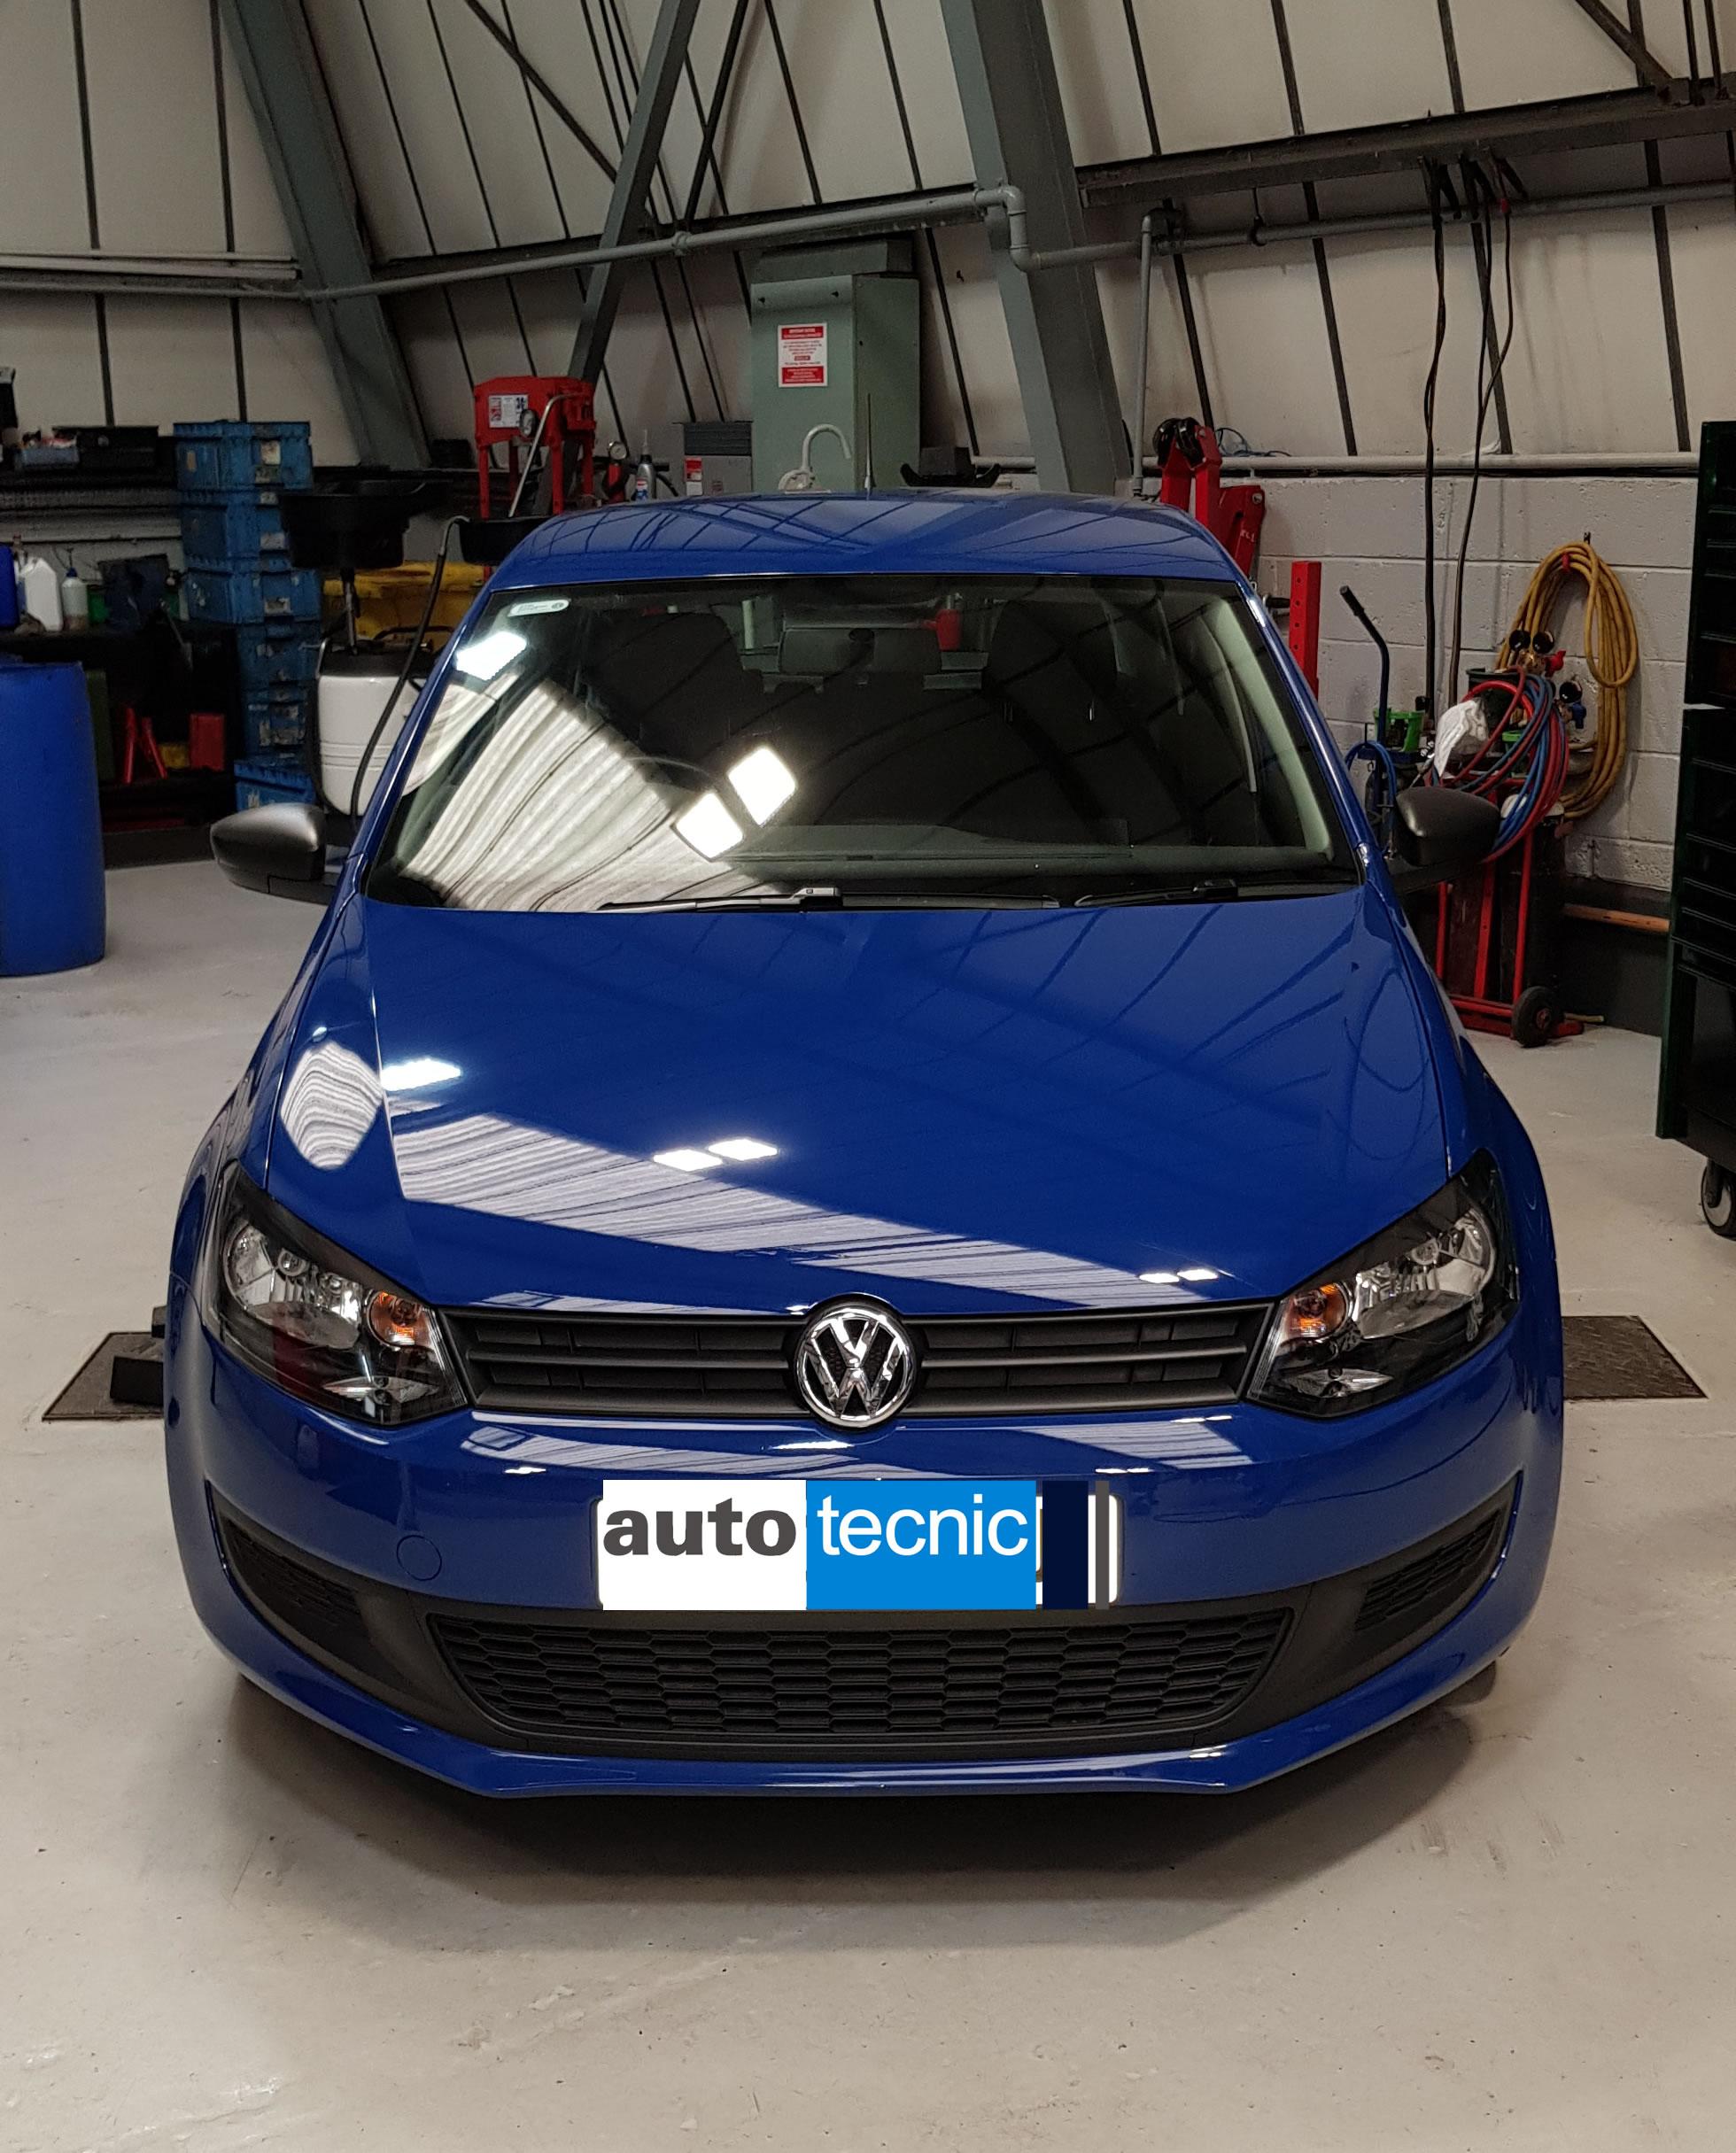 autotecnic - workshop - VW Polo